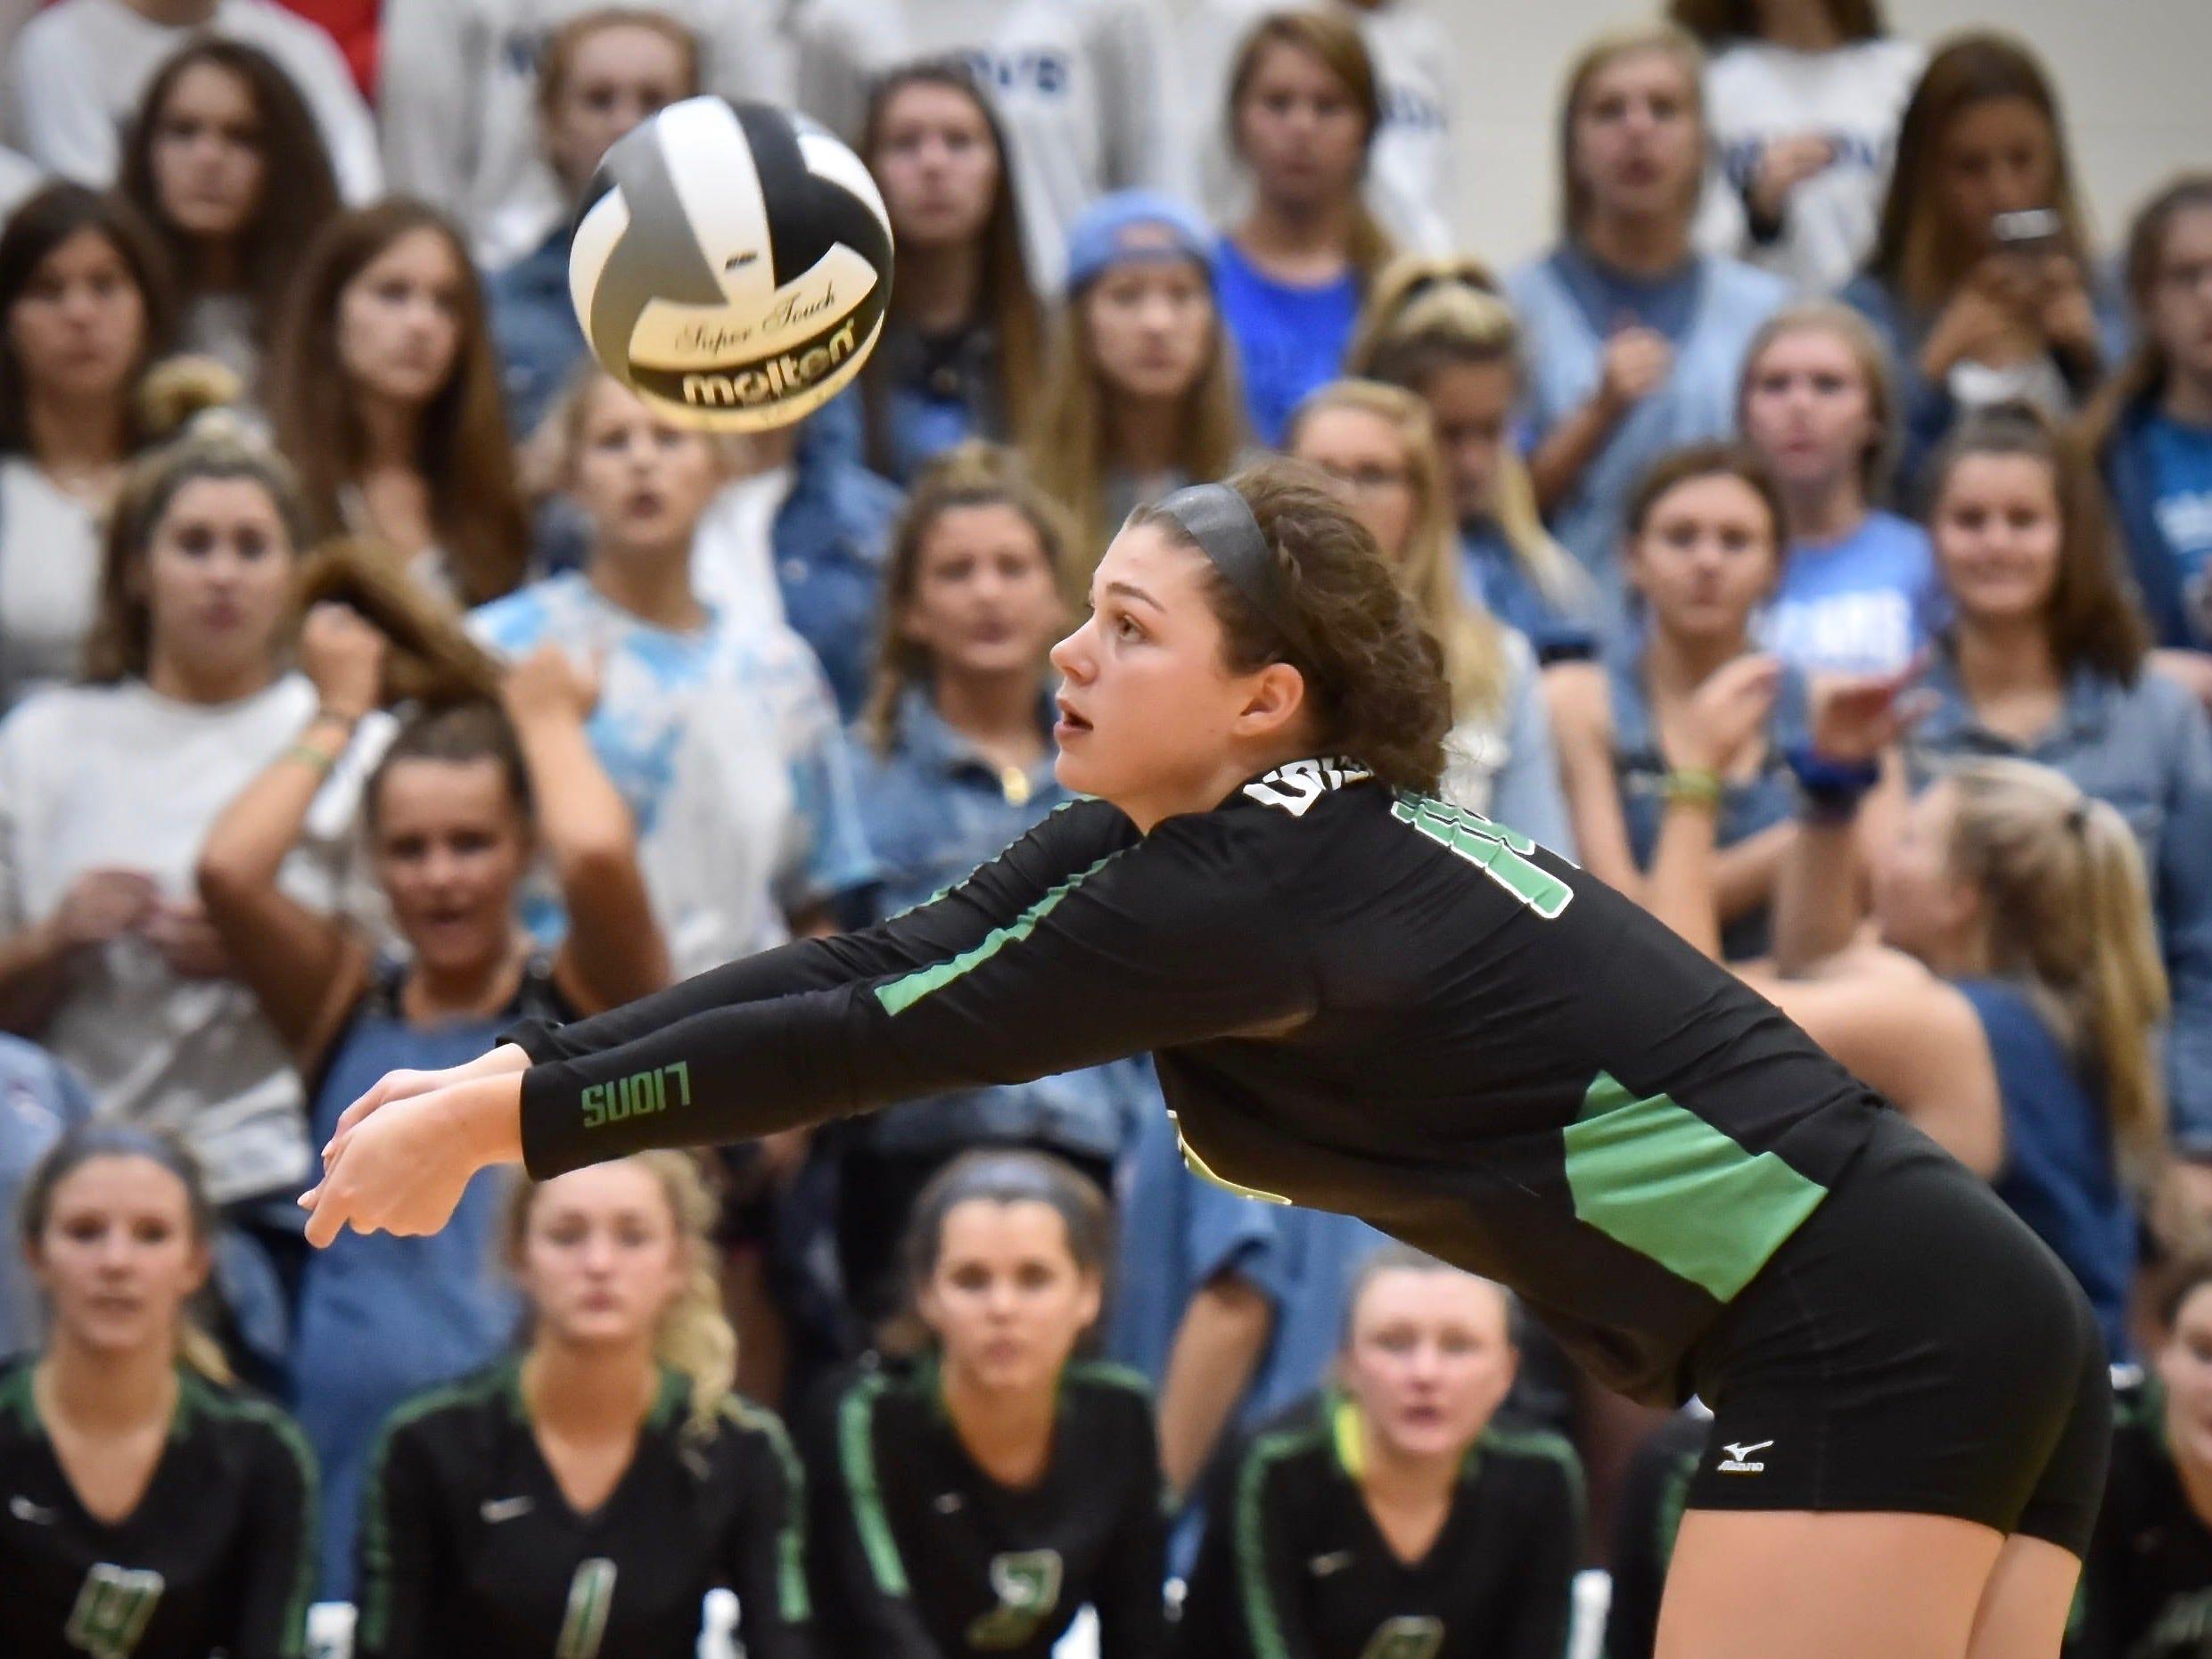 Ursuline's Andrea Elsbrock keeps a volley going against Mount Notre Dame Tuesday, Sept. 11, 2018 at Ursuline Academy